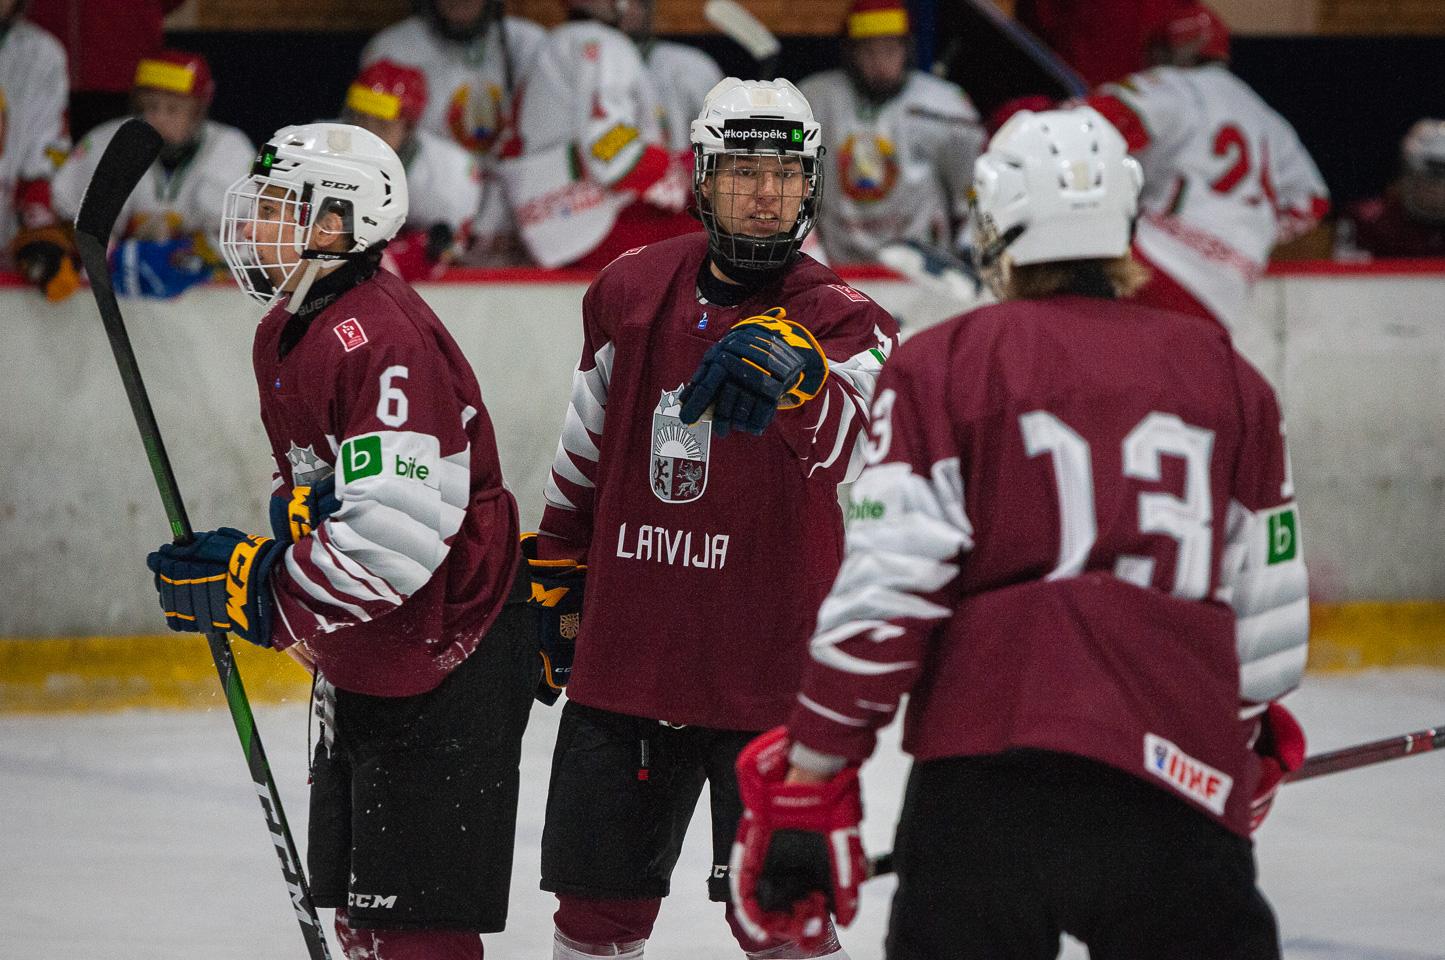 Trīs nāciju pārbaudes turnīra spēle starp Latvijas U-18 un Baltkrievijas U-18 valstsvienībā Jelgavas ledus hallē 2019. gada 14. decembrī.   Foto: Ruslans Antropovs / rusantro.com